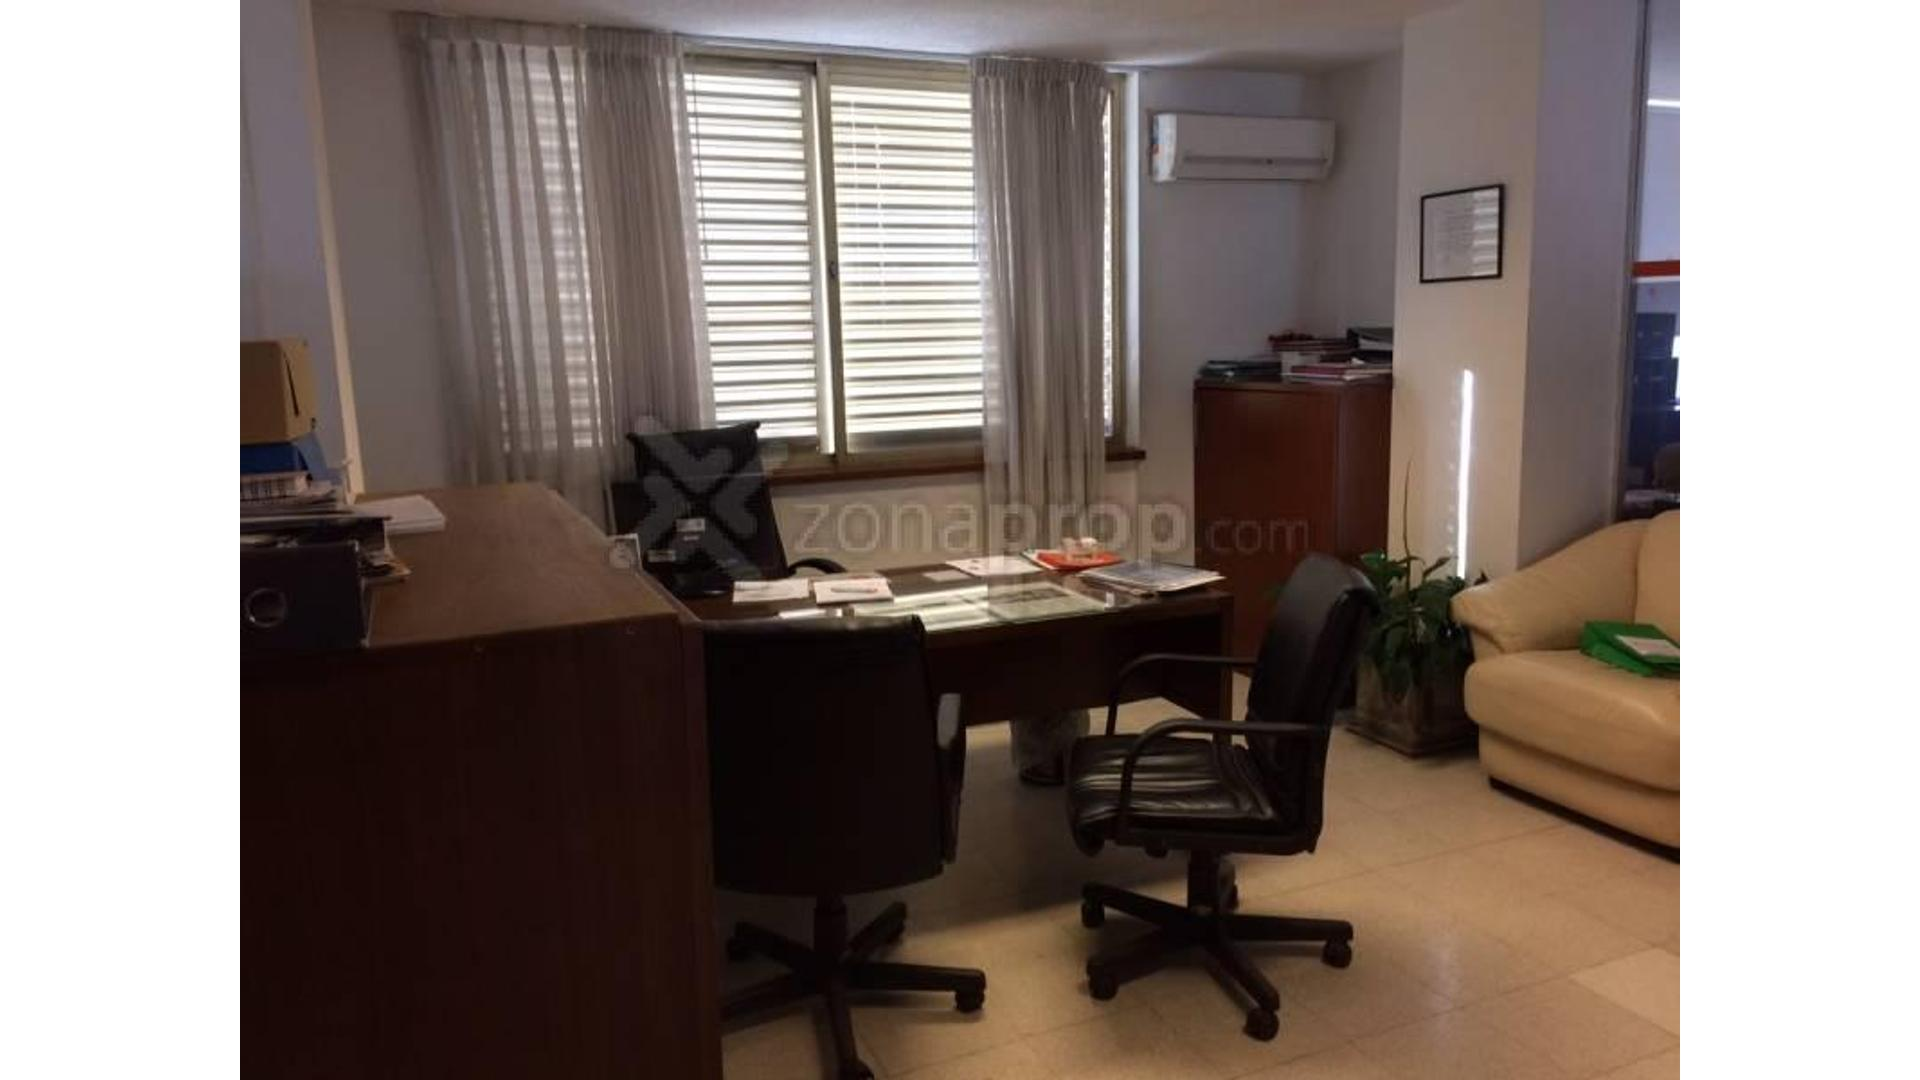 Mariano Moreno 400 - U$D 250.000 - Oficina en Venta